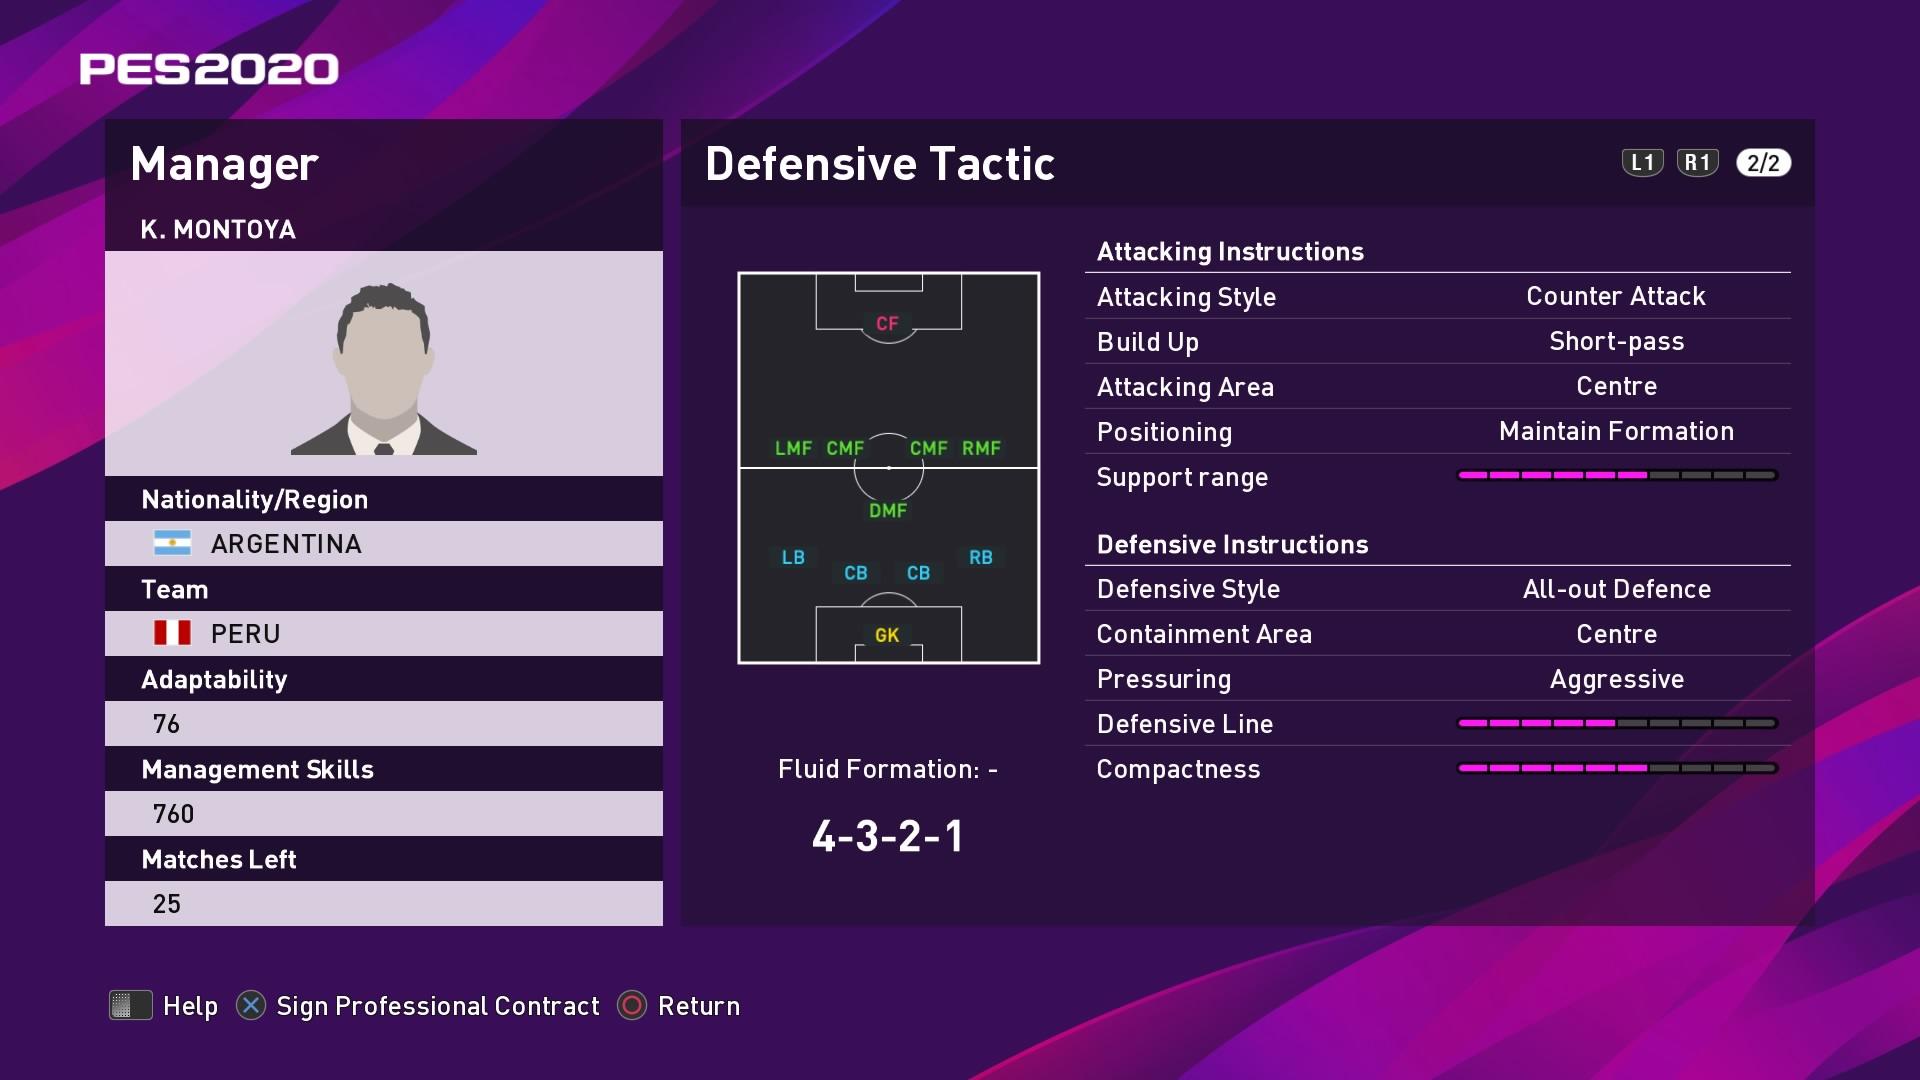 K. Montoya (2) (Ricardo Gareca) Defensive Tactic in PES 2020 myClub